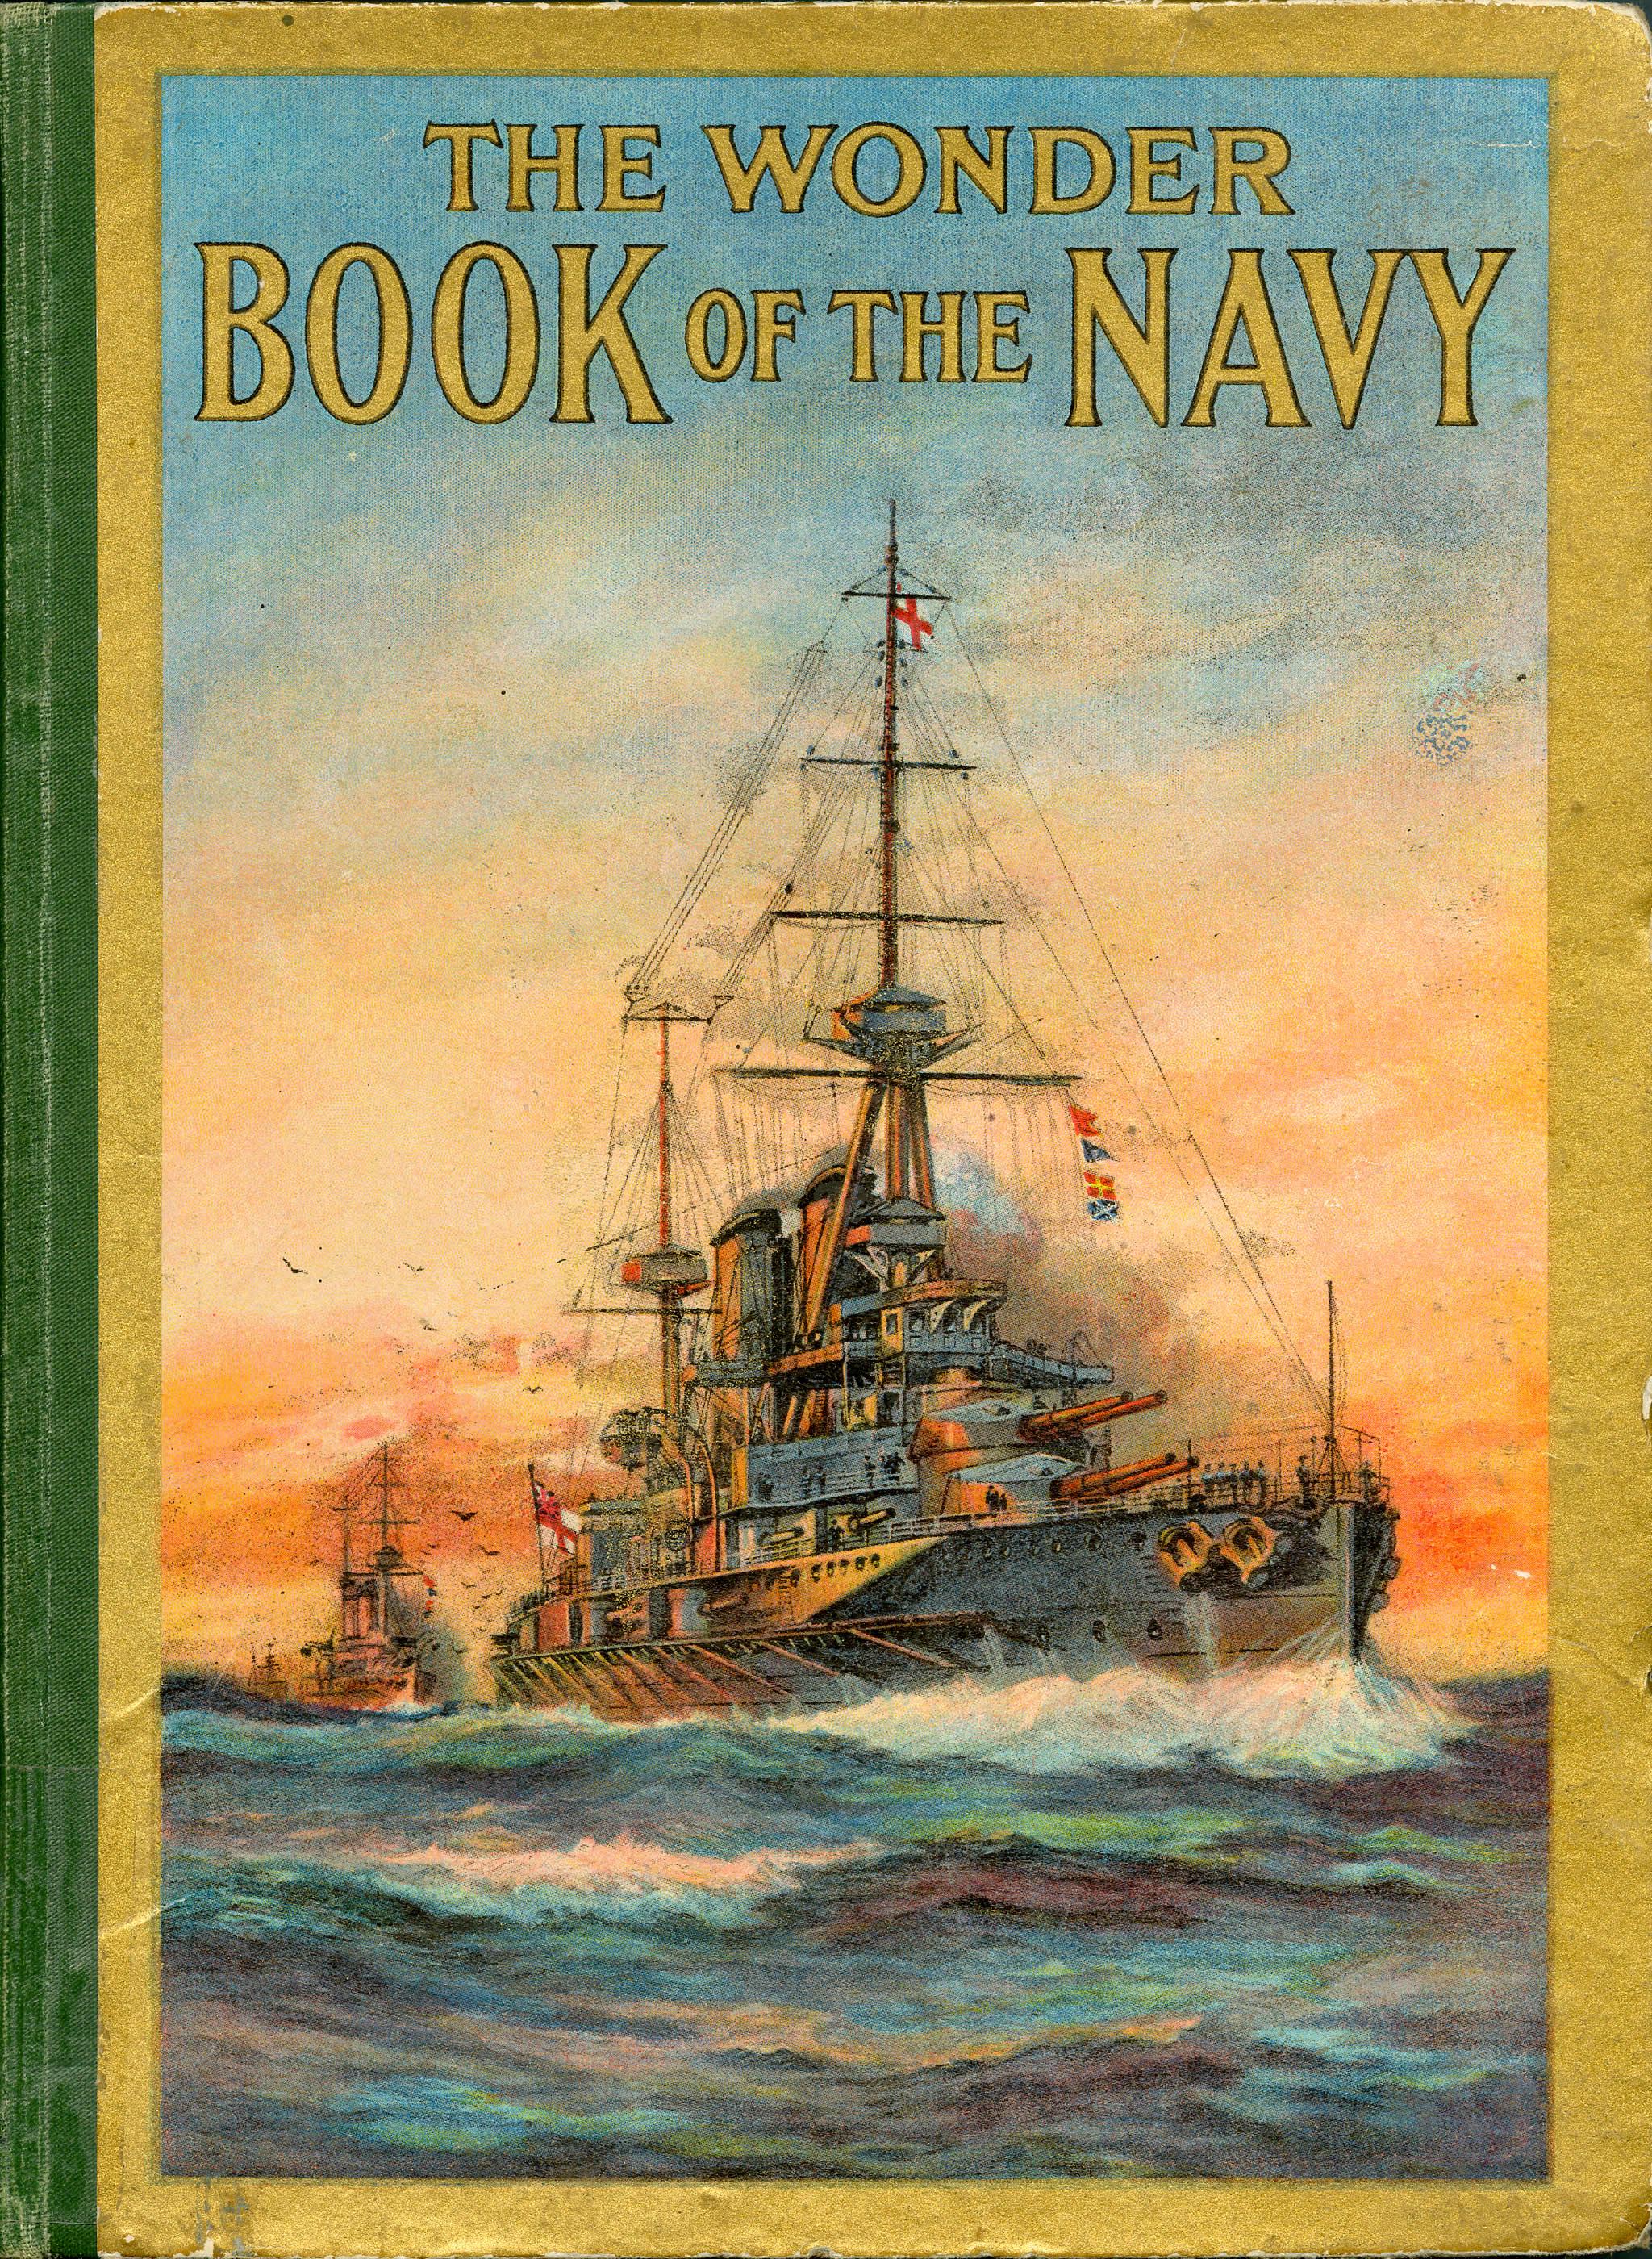 <i>The Wonder Book of the Navy (Le livre des merveilles de la marine)</i>